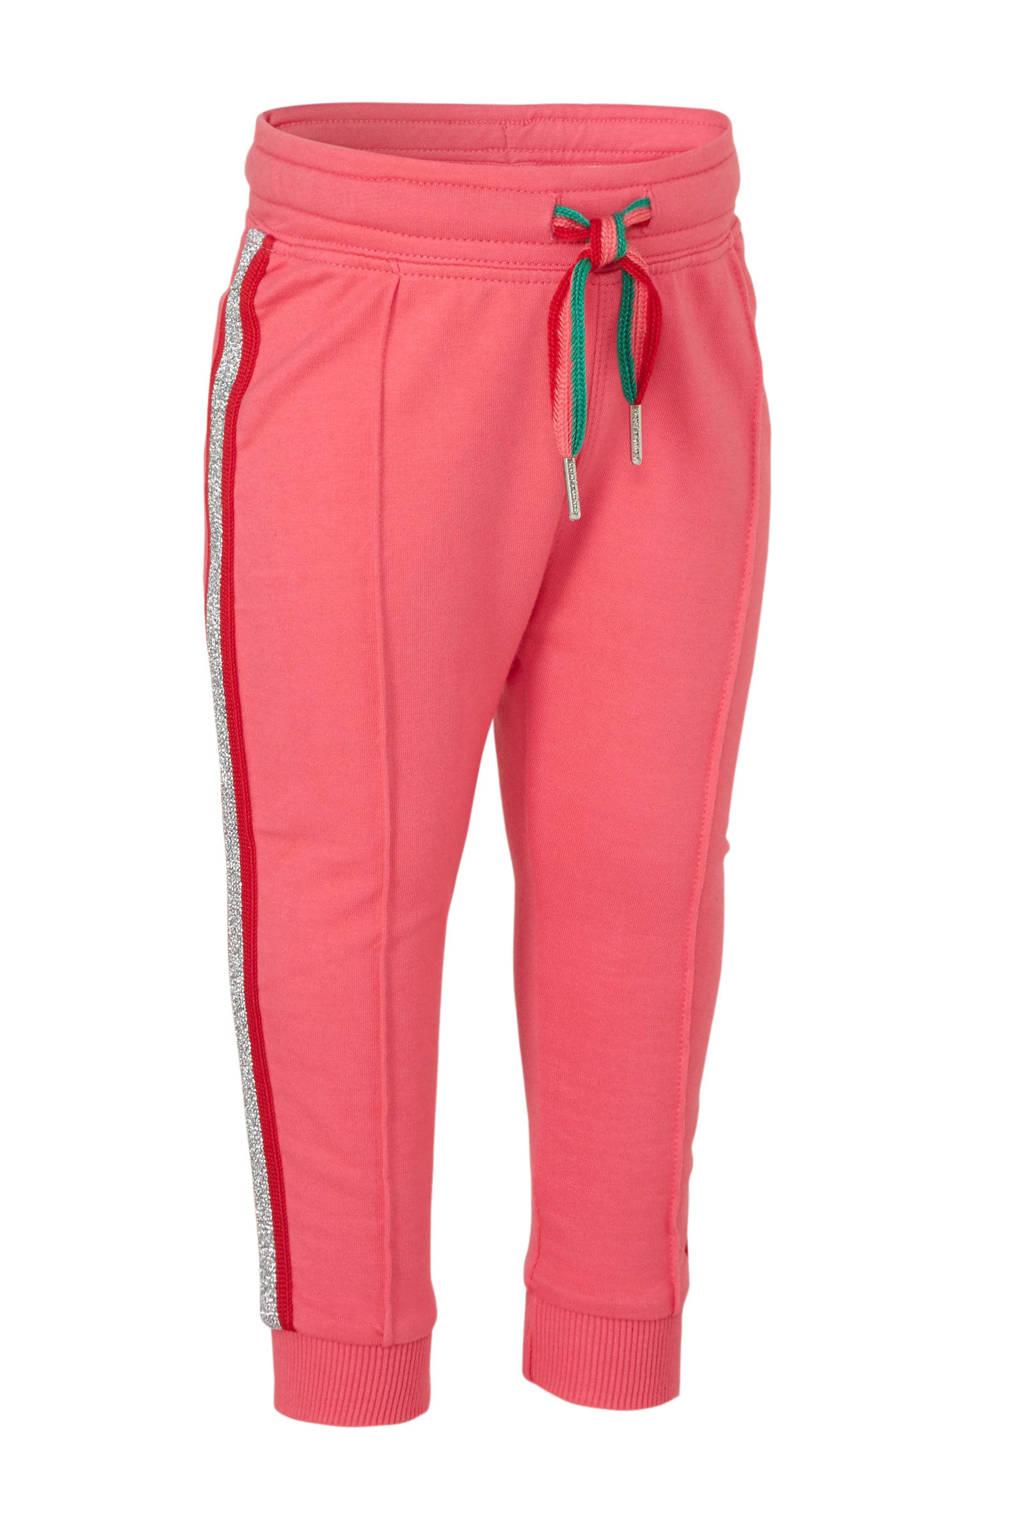 Quapi regular fit joggingbroek Britney met zijstreep roze/rood/zilver, Roze/rood/zilver